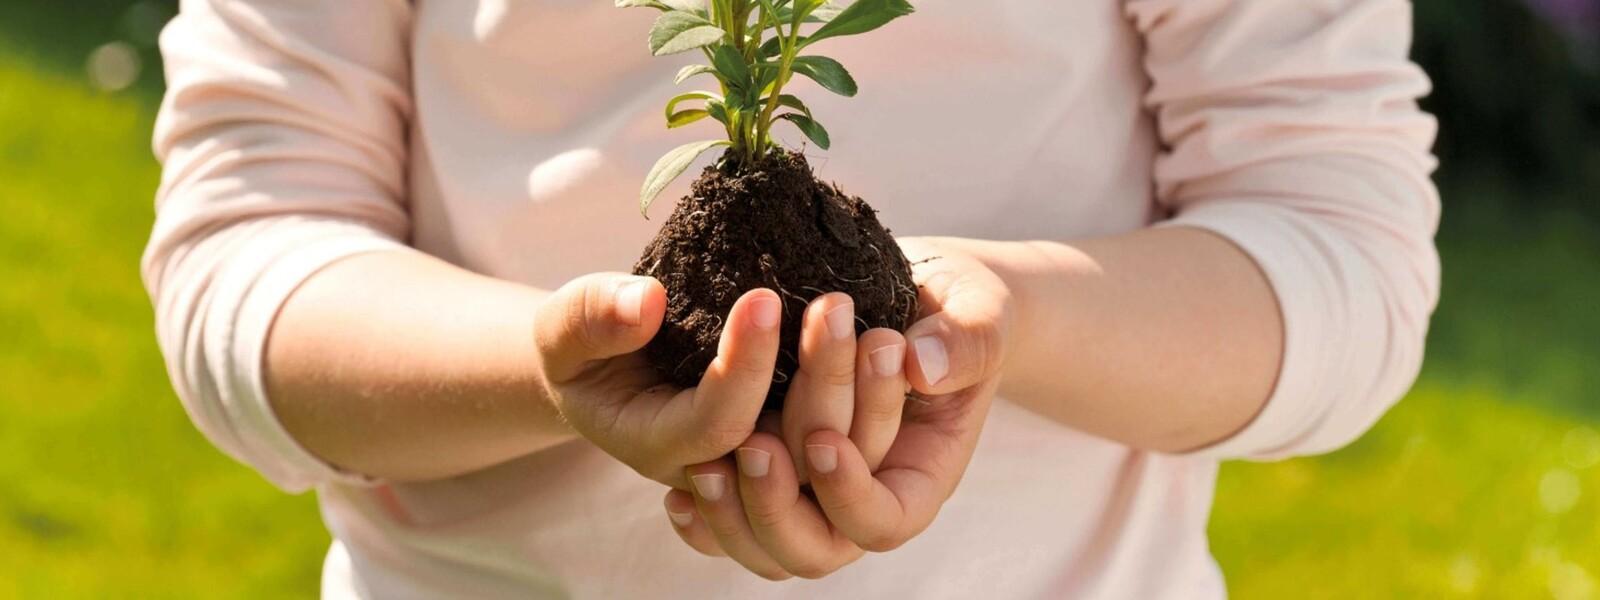 Kinderhände halten Erde mit einer Pflanze